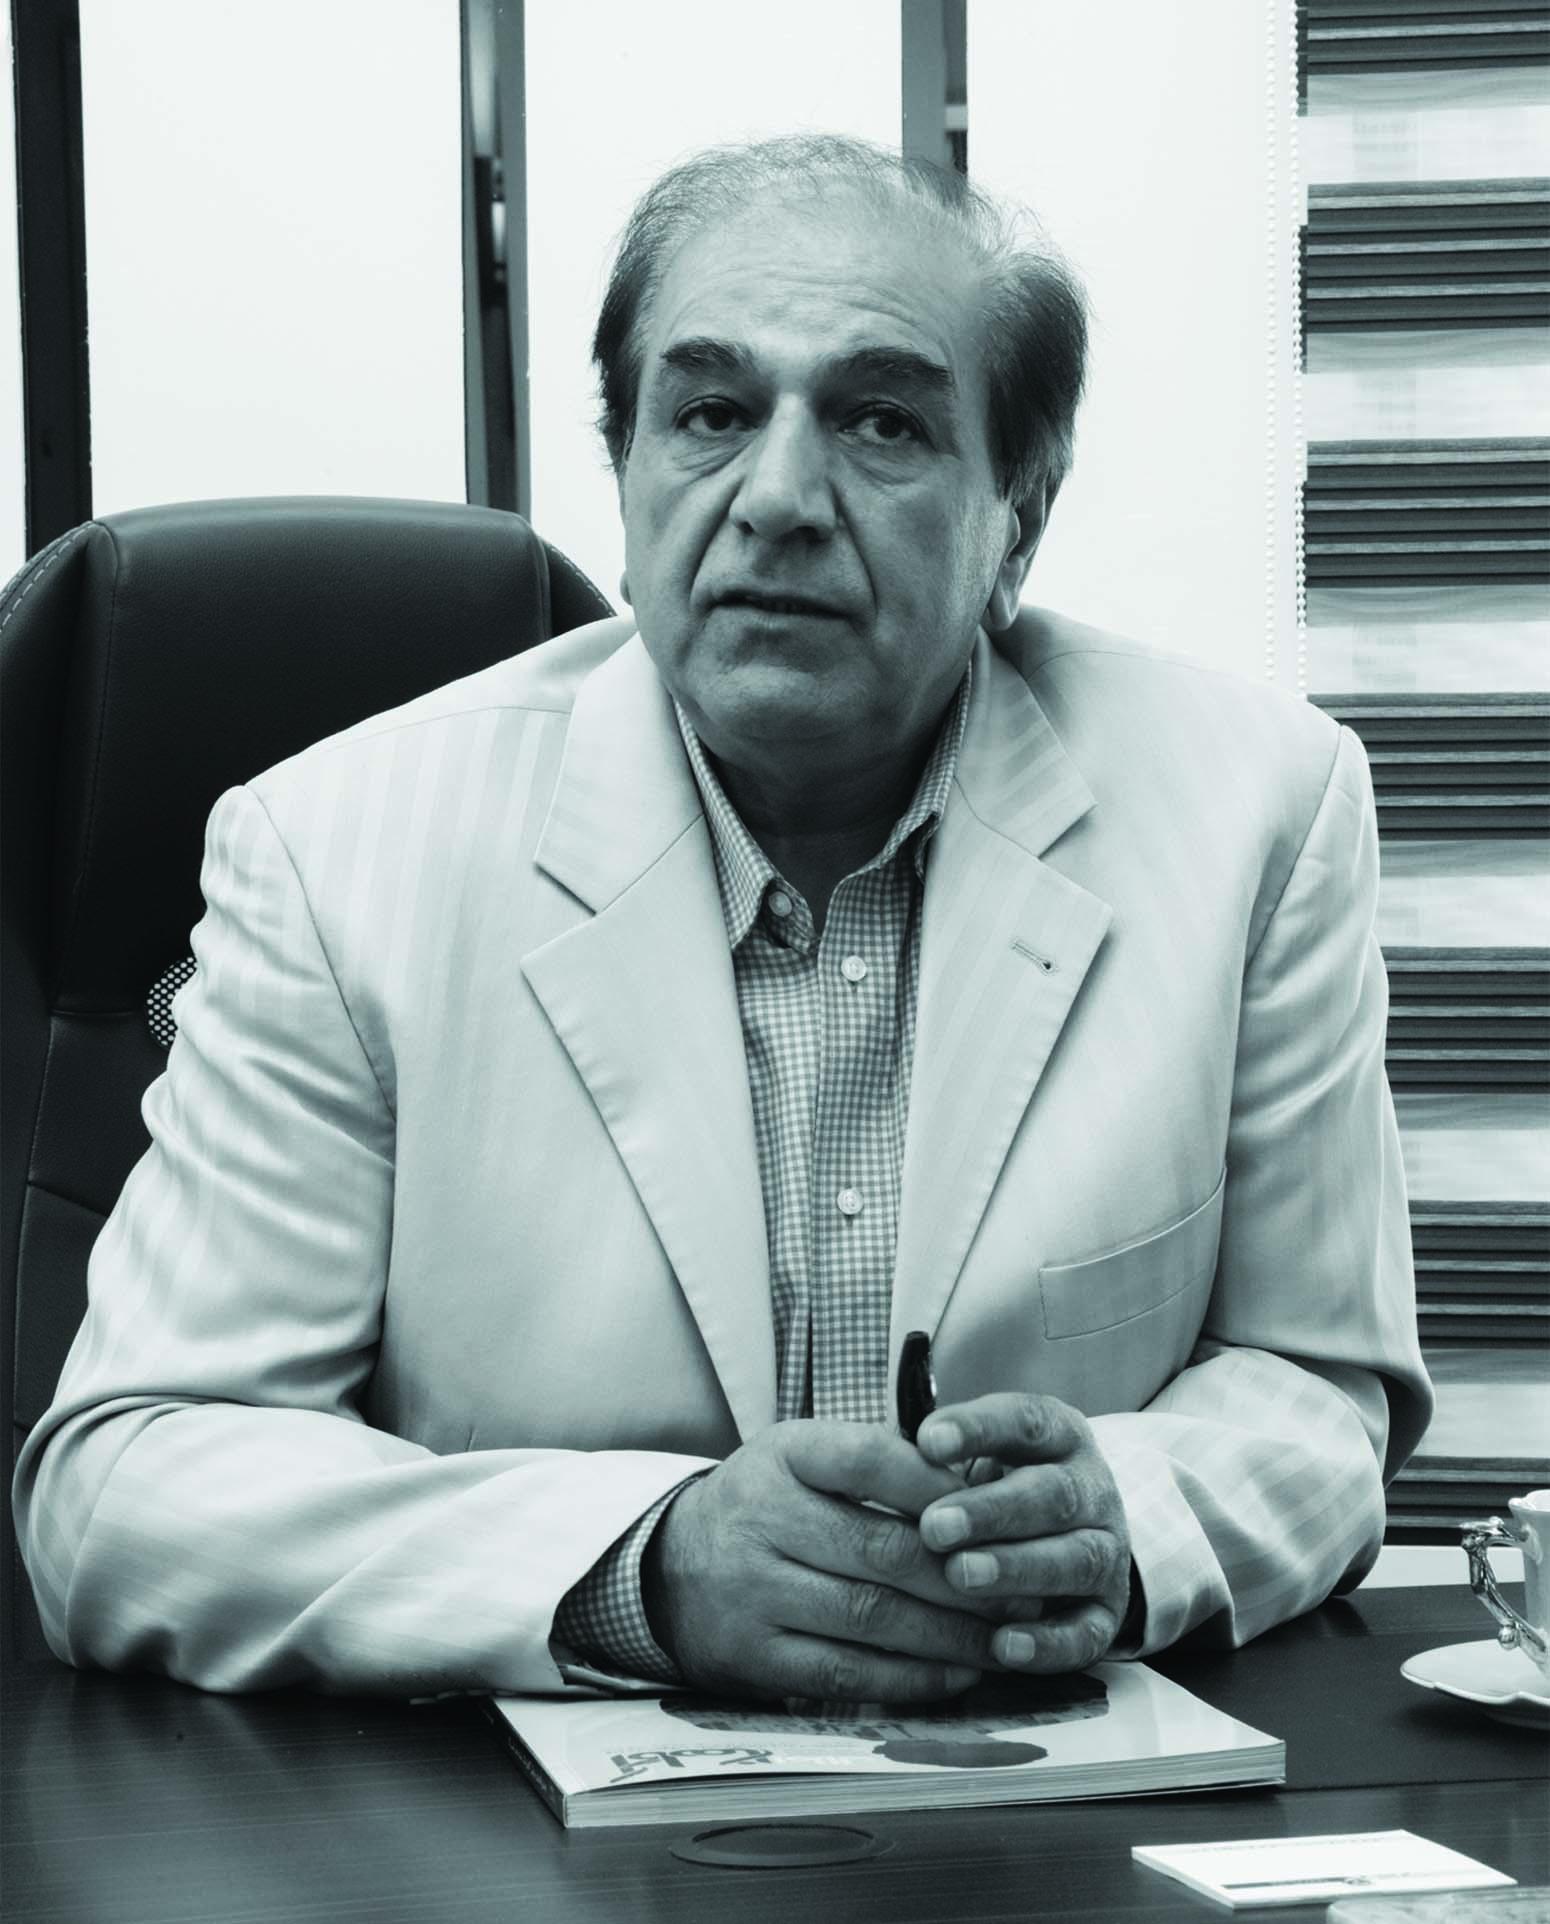 گفتوگــو با عبدالباقی و الهام حسومی؛ آژانس خانه تو